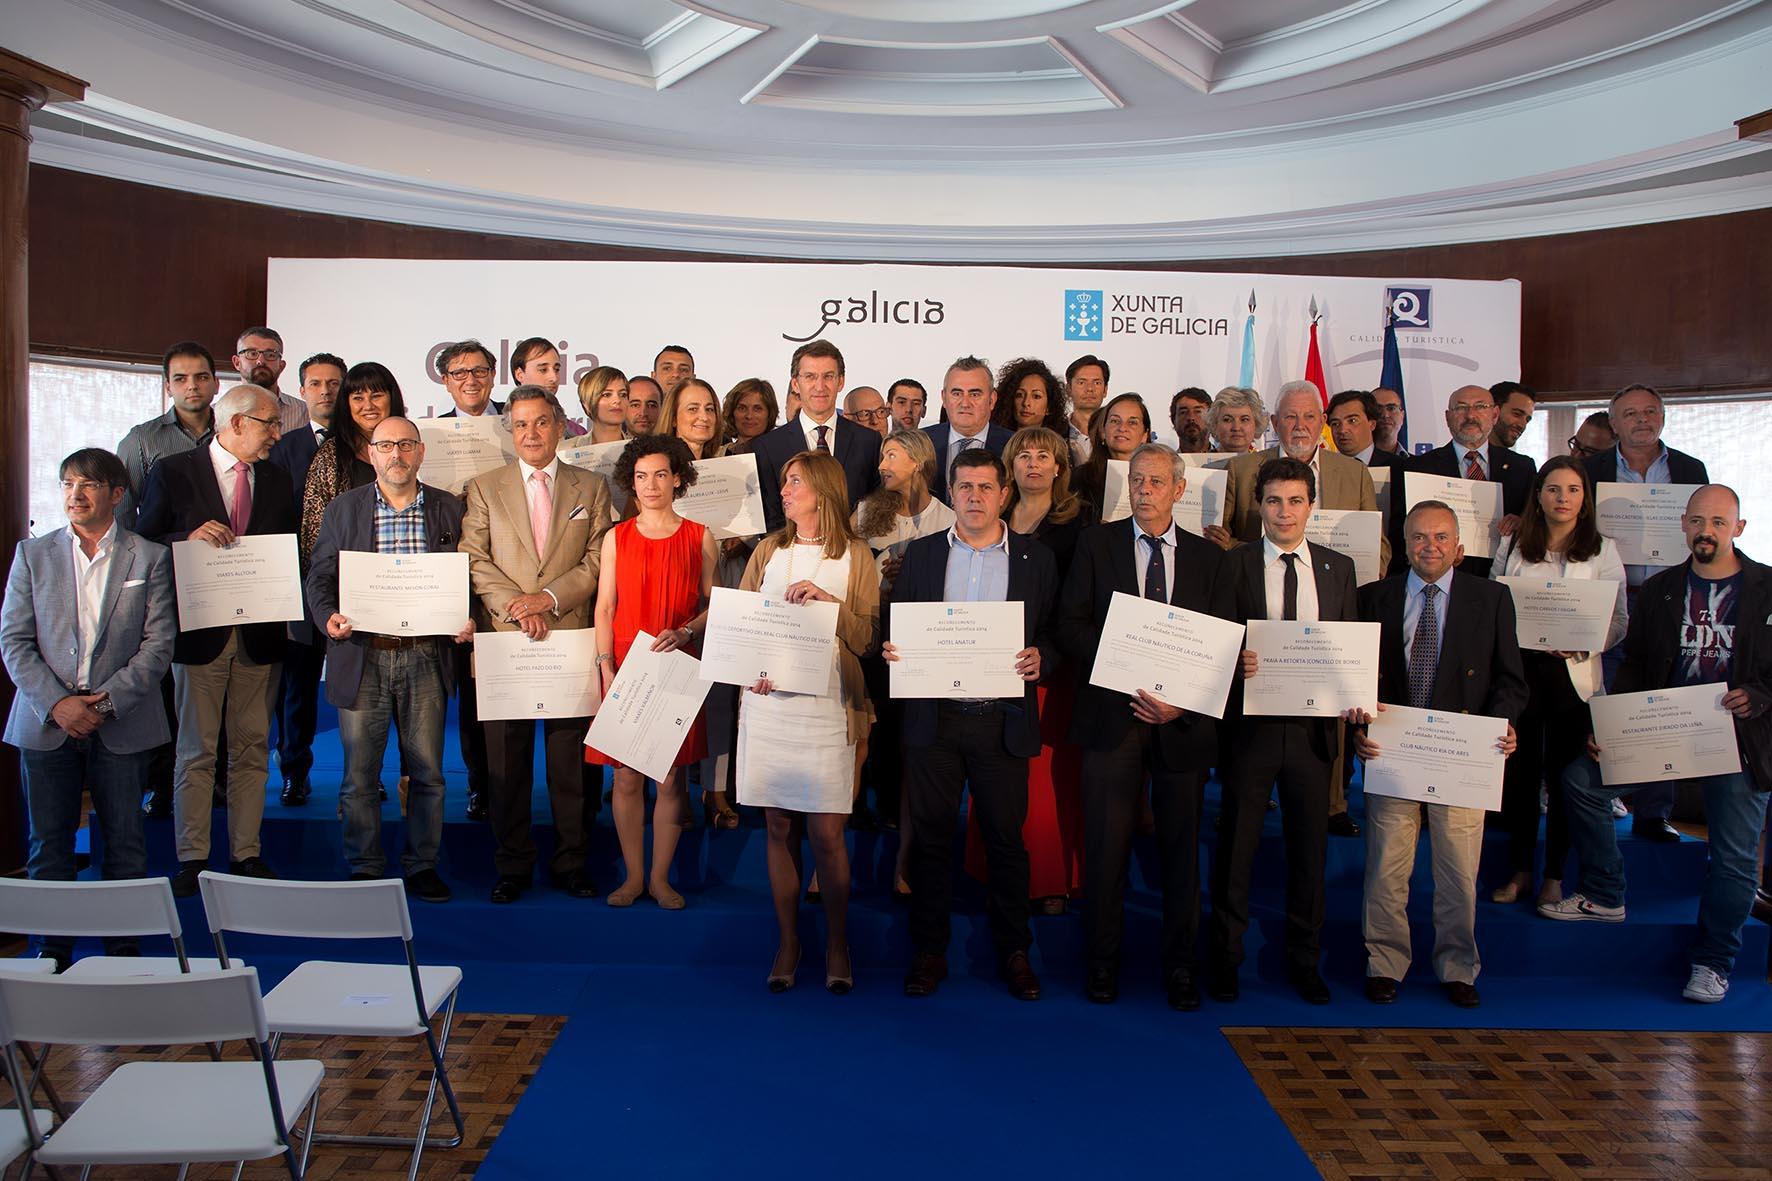 Núñez Feijoo destaca la labor de la Axencia de Turismo de Galicia y del Clúster del Turismo para convertir a Galicia en un destino diversificado